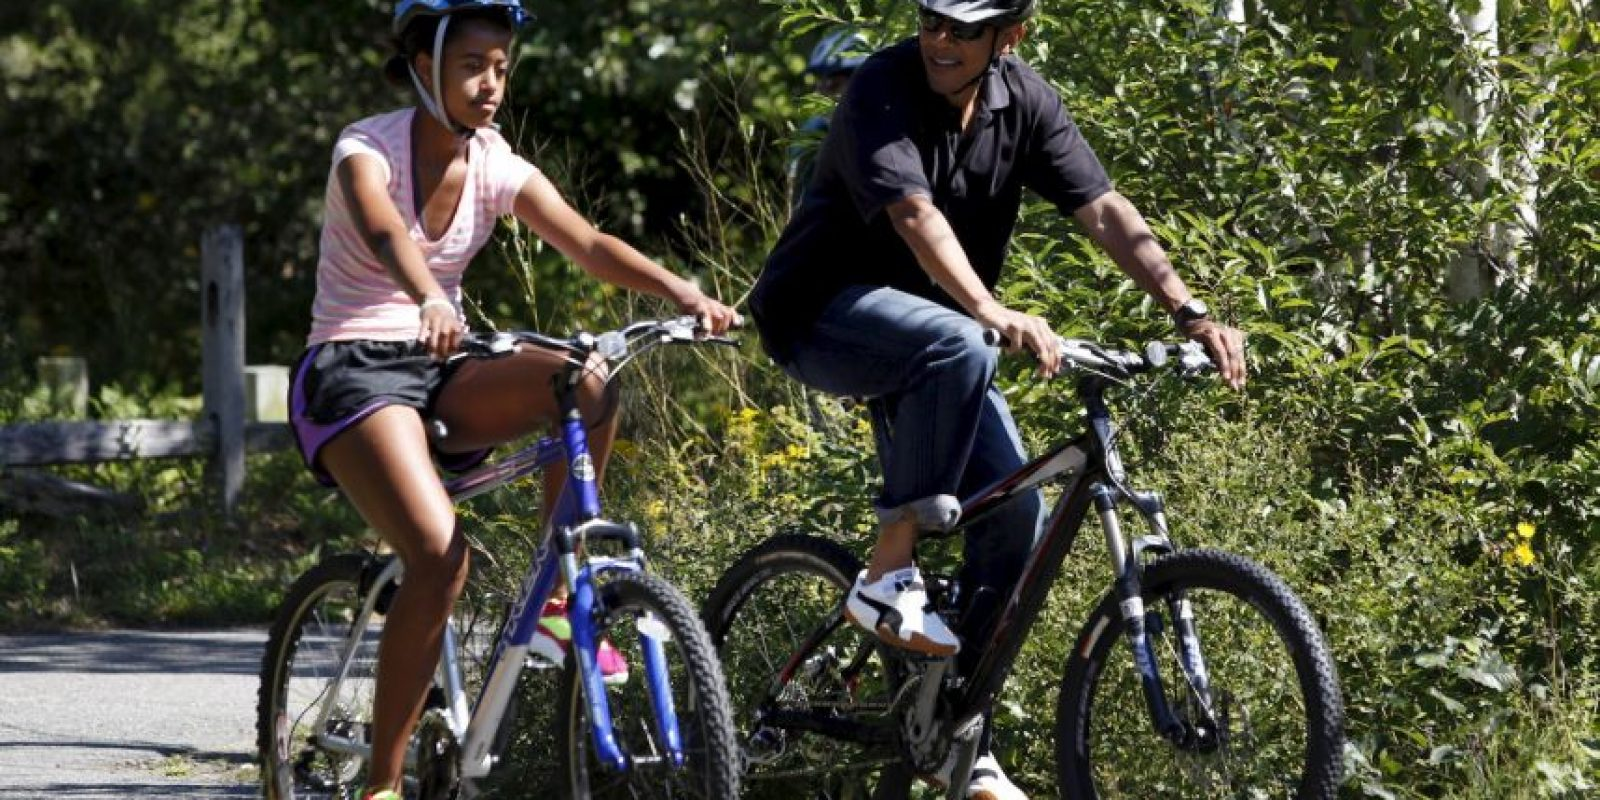 """Otros ciclistas festejaron cuando """"Hulk"""" retiró el obstáculo. Foto:Getty Images"""